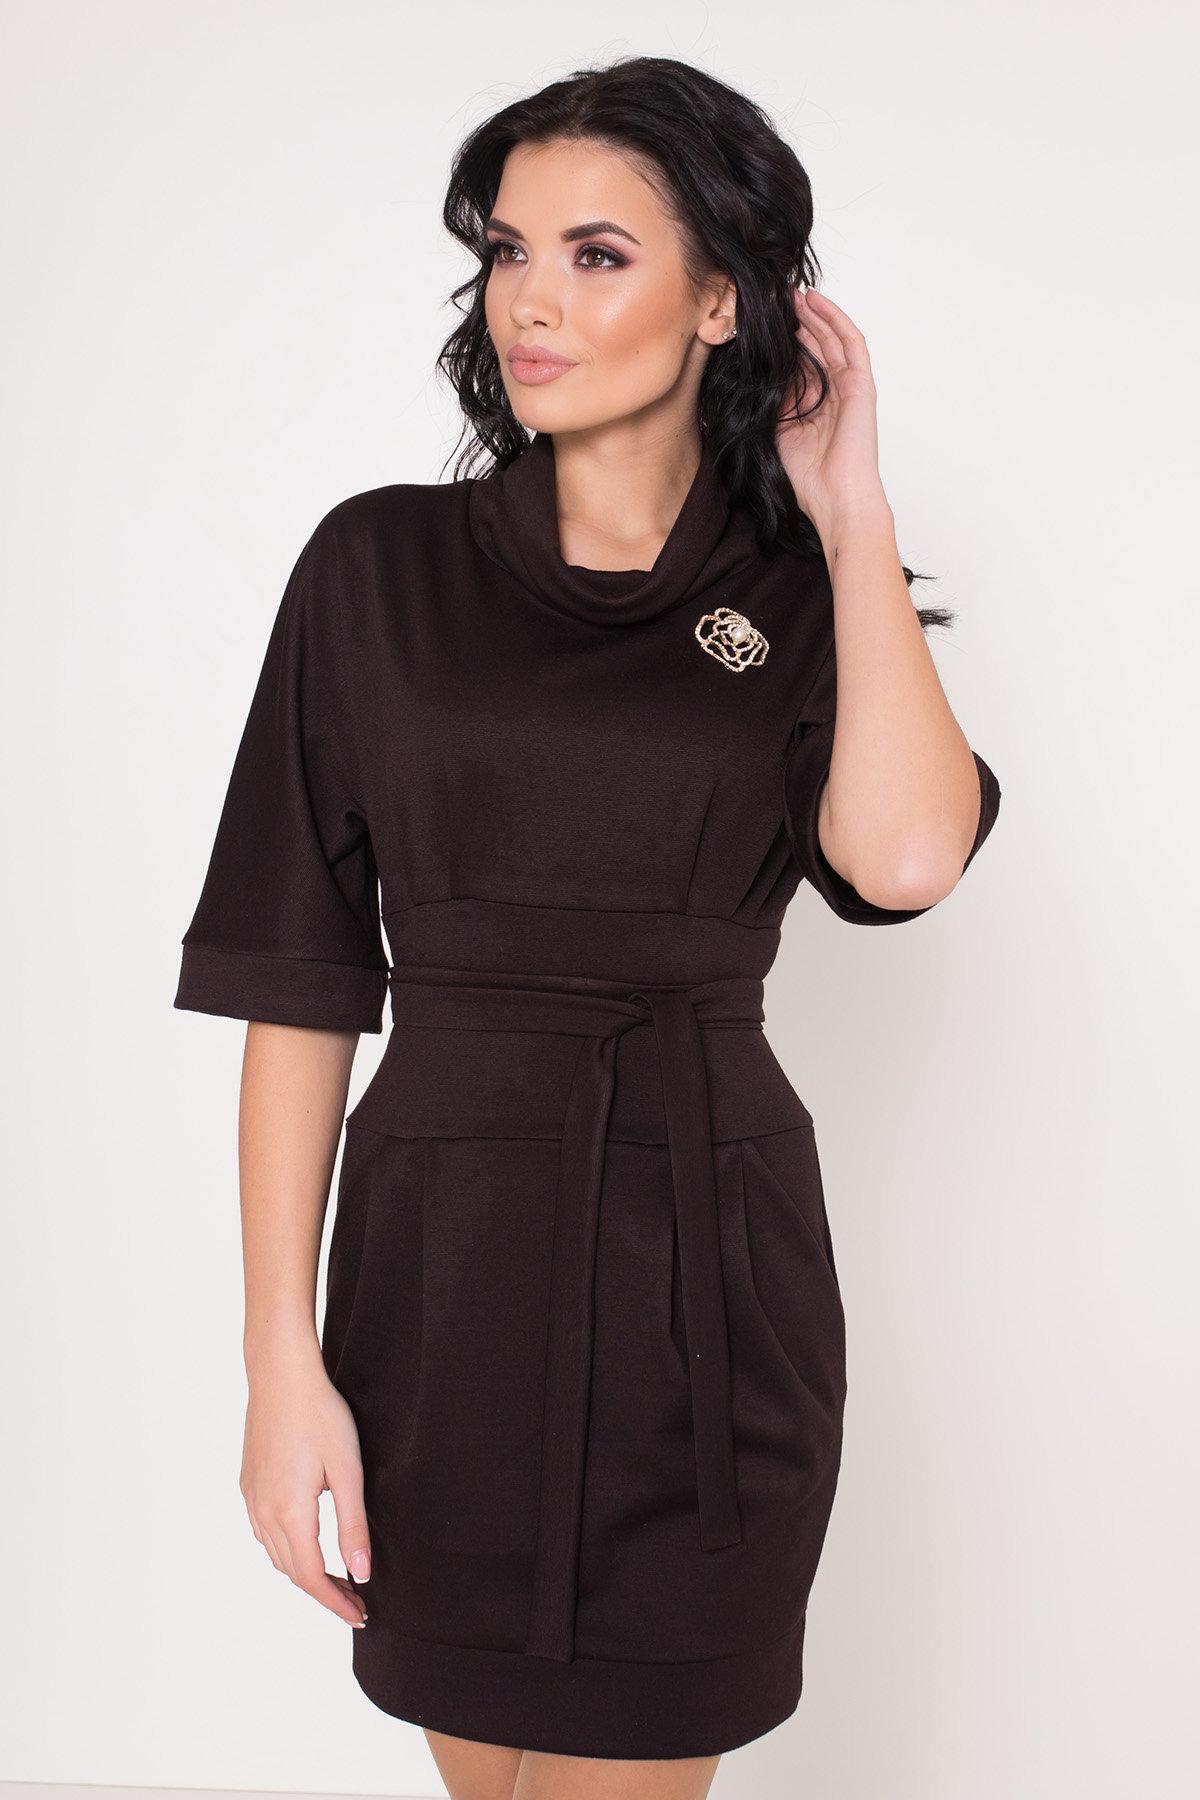 Трикотажное платье Вассаби 8478 АРТ. 44906 Цвет: Шоколад - фото 6, интернет магазин tm-modus.ru